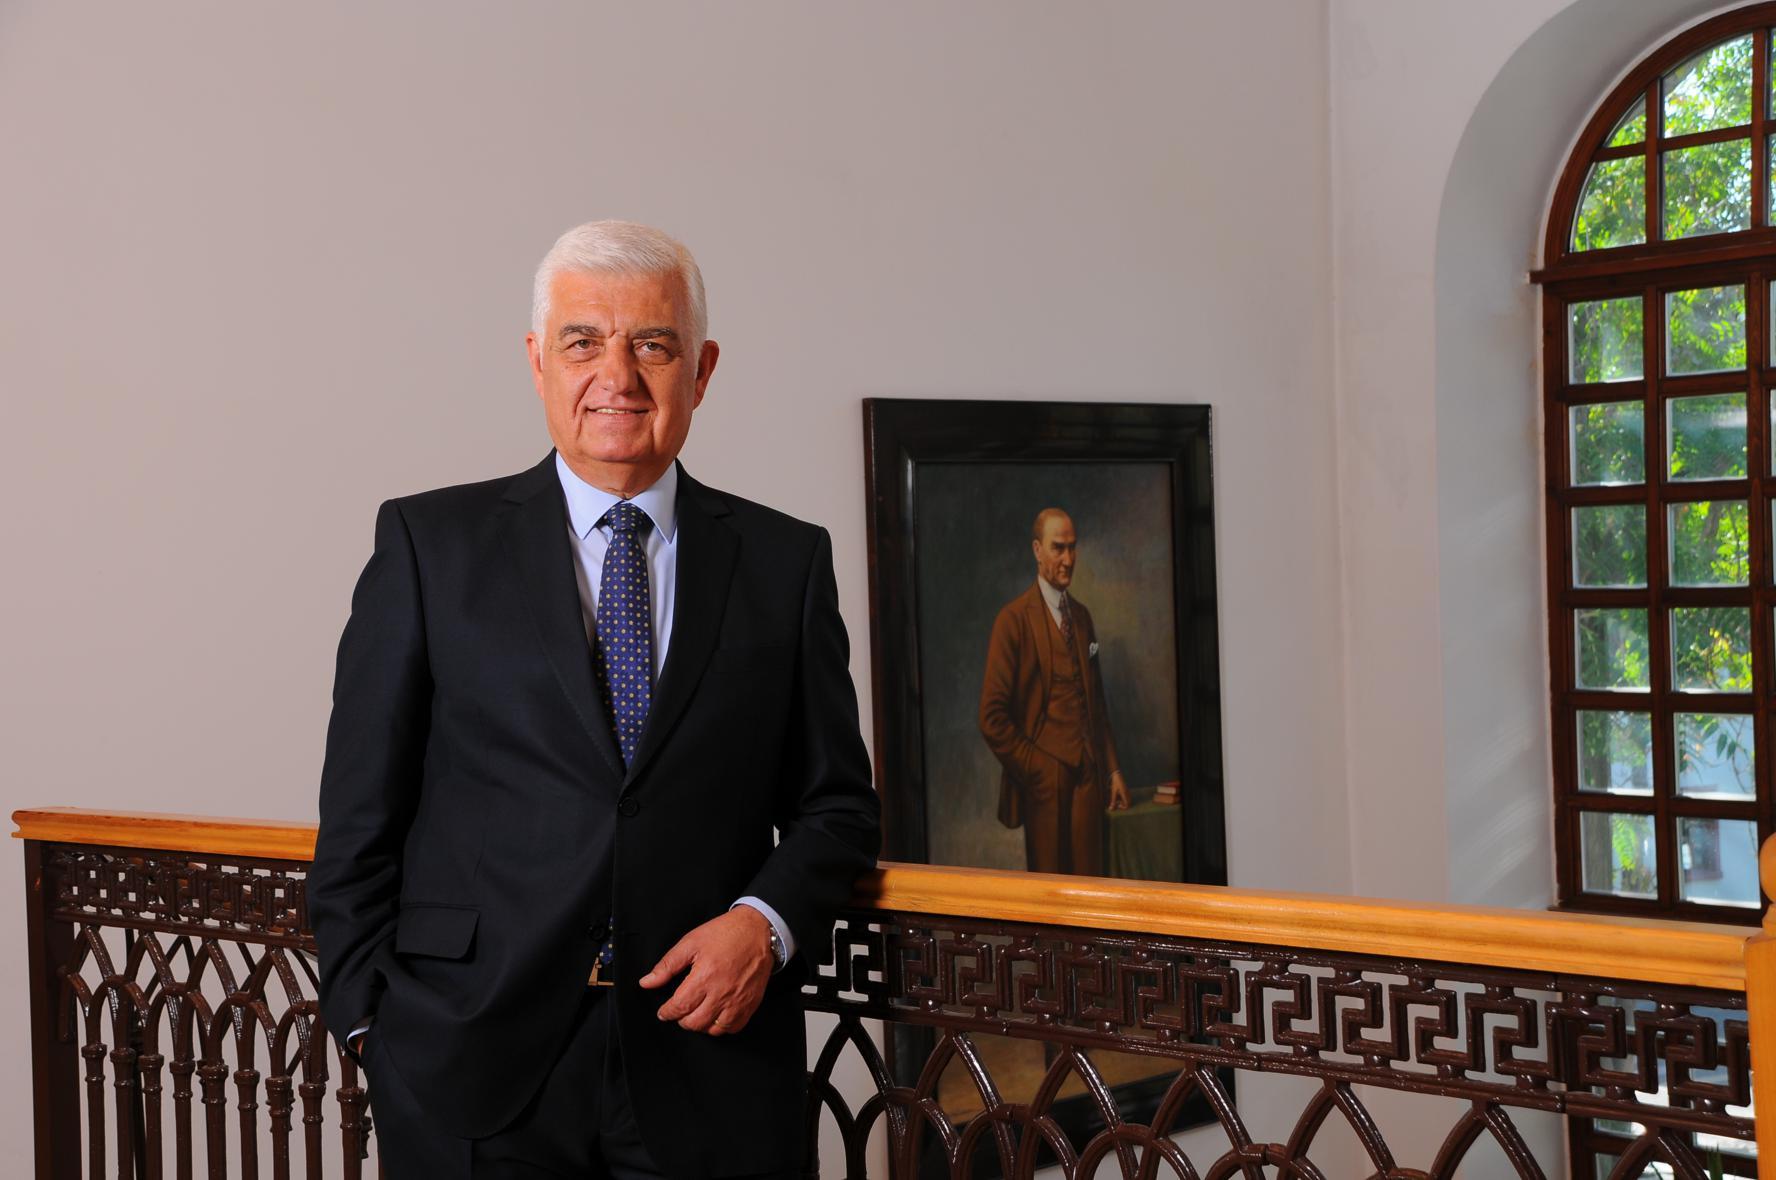 Muğla Büyükşehir Belediye Başkanı Osman Gürün Lozan'ın 97. yılını kutladı